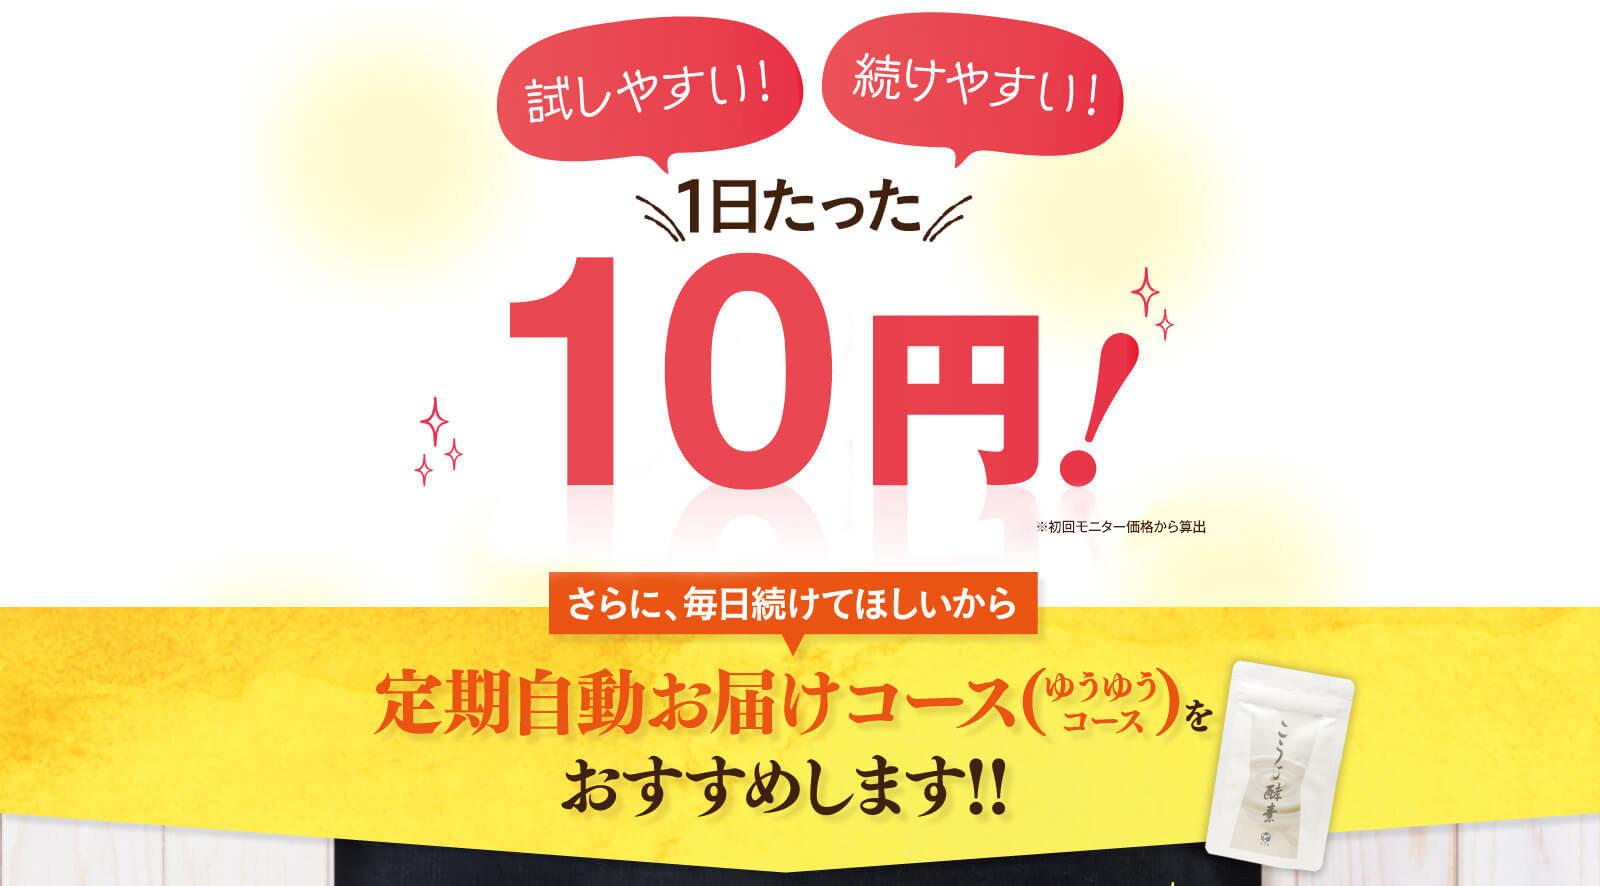 試しやすい!続けやすい!1日たった32円!